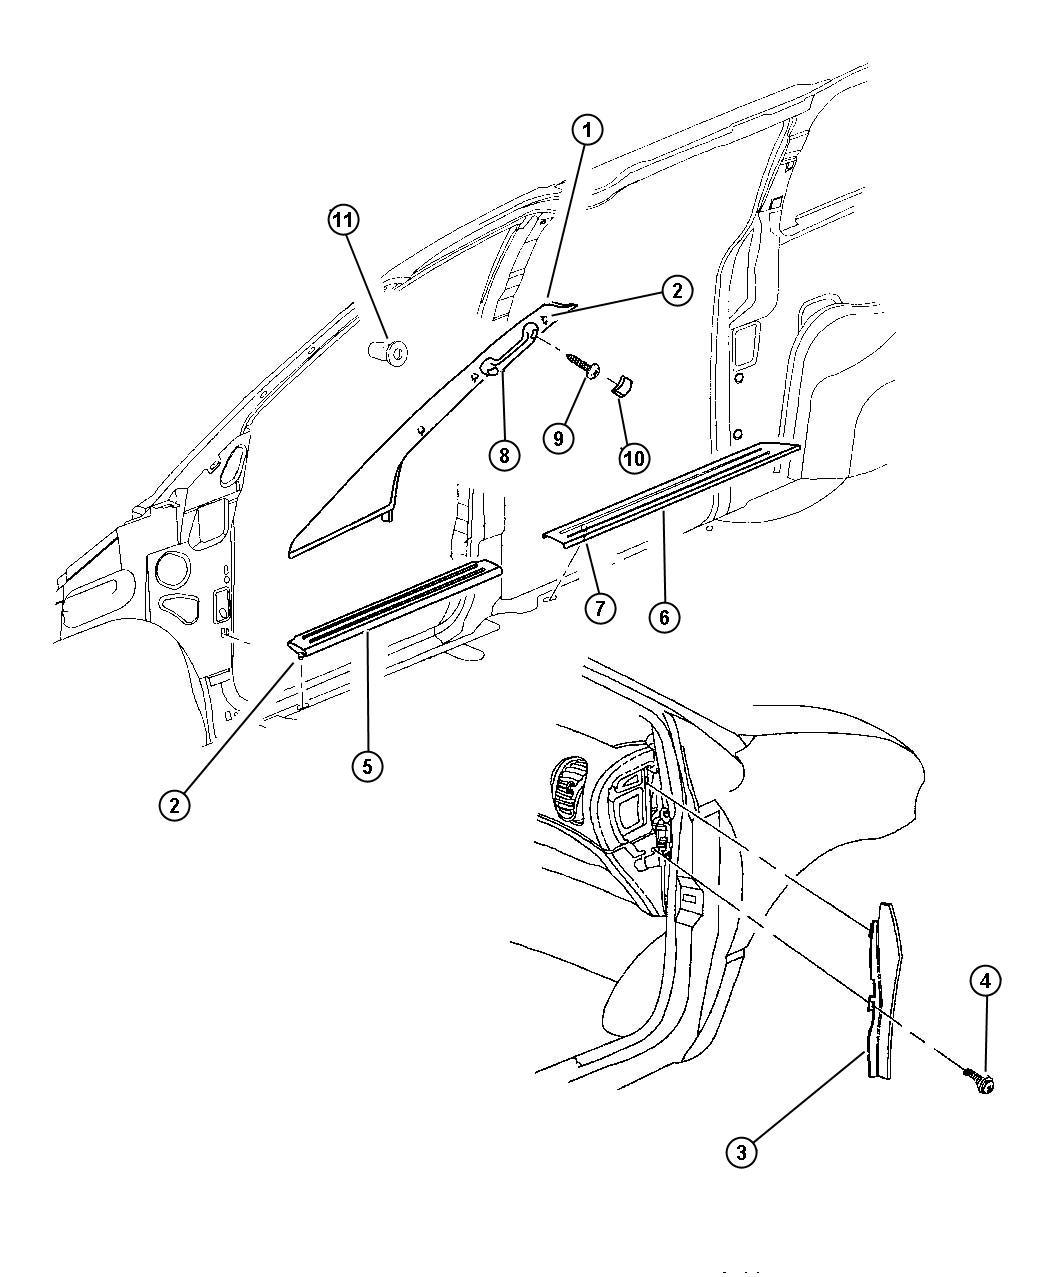 Dodge Grand Caravan Nut/rivet. M6x1.0. Assist handle